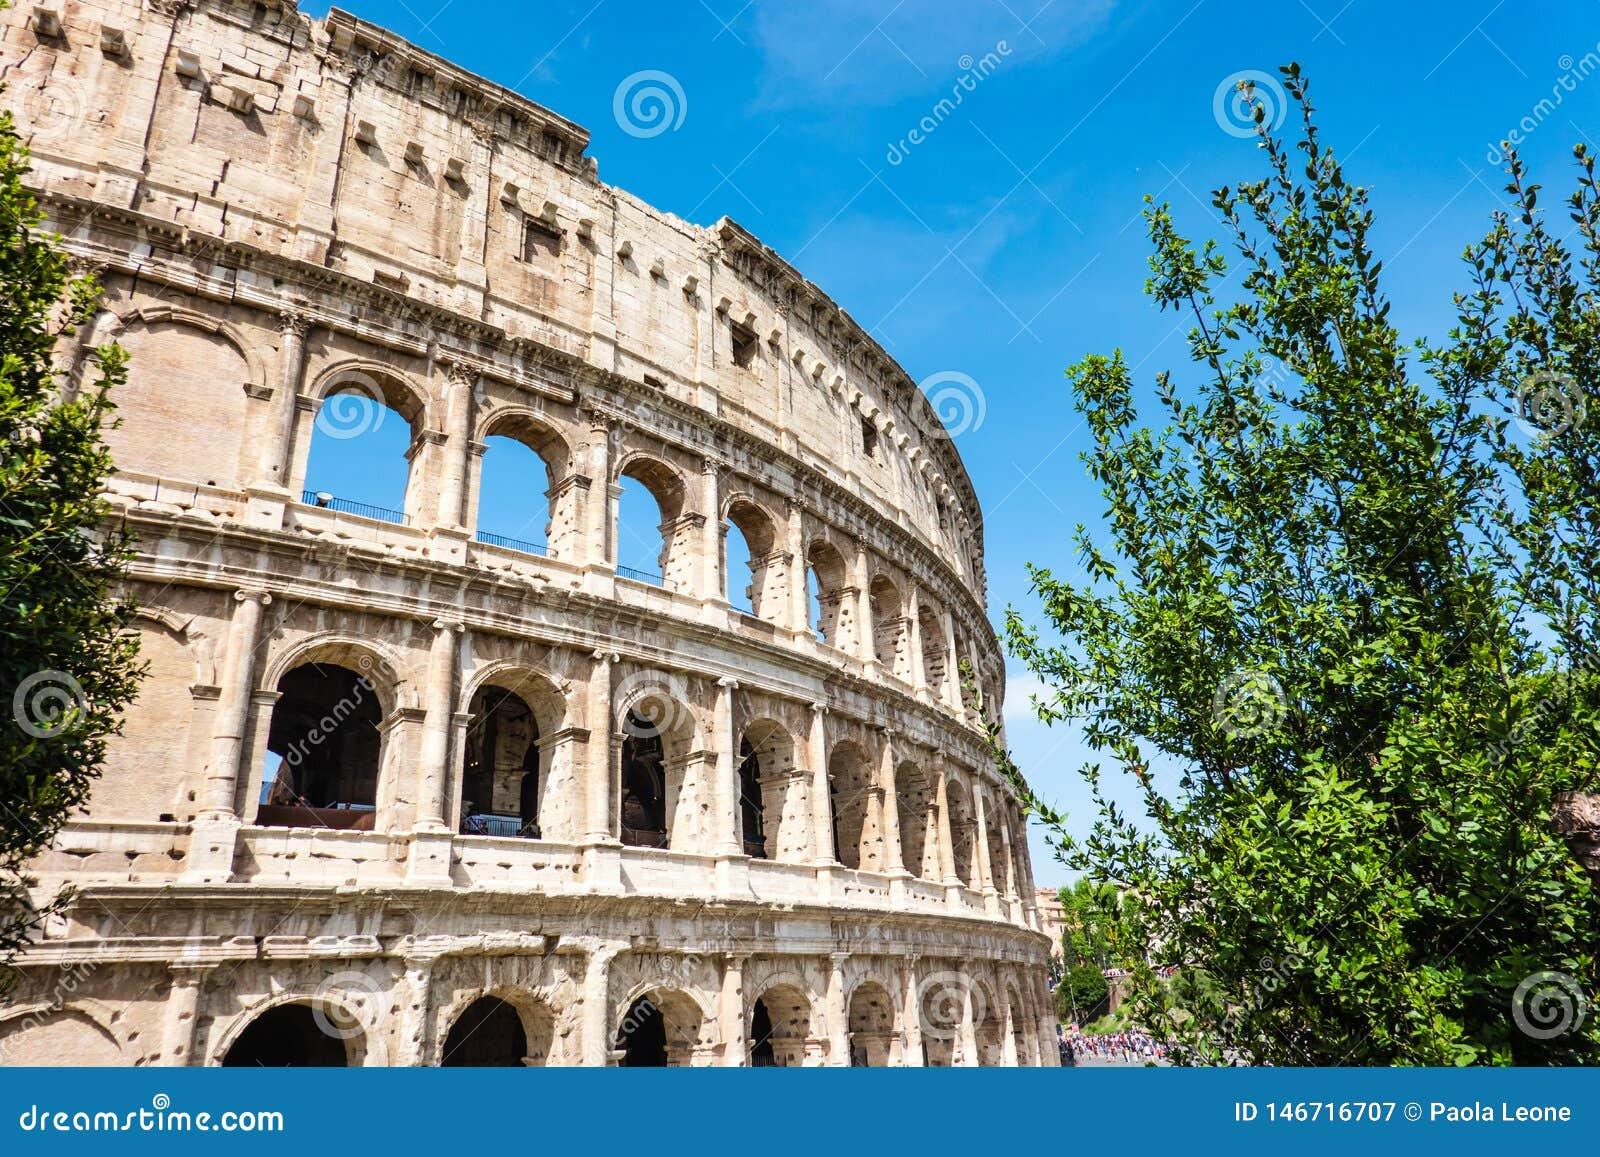 罗马,意大利:亦称伟大的罗马罗马斗兽场大剧场,罗马竞技场Flavian圆形露天剧场,有绿色树的 著名世界lan